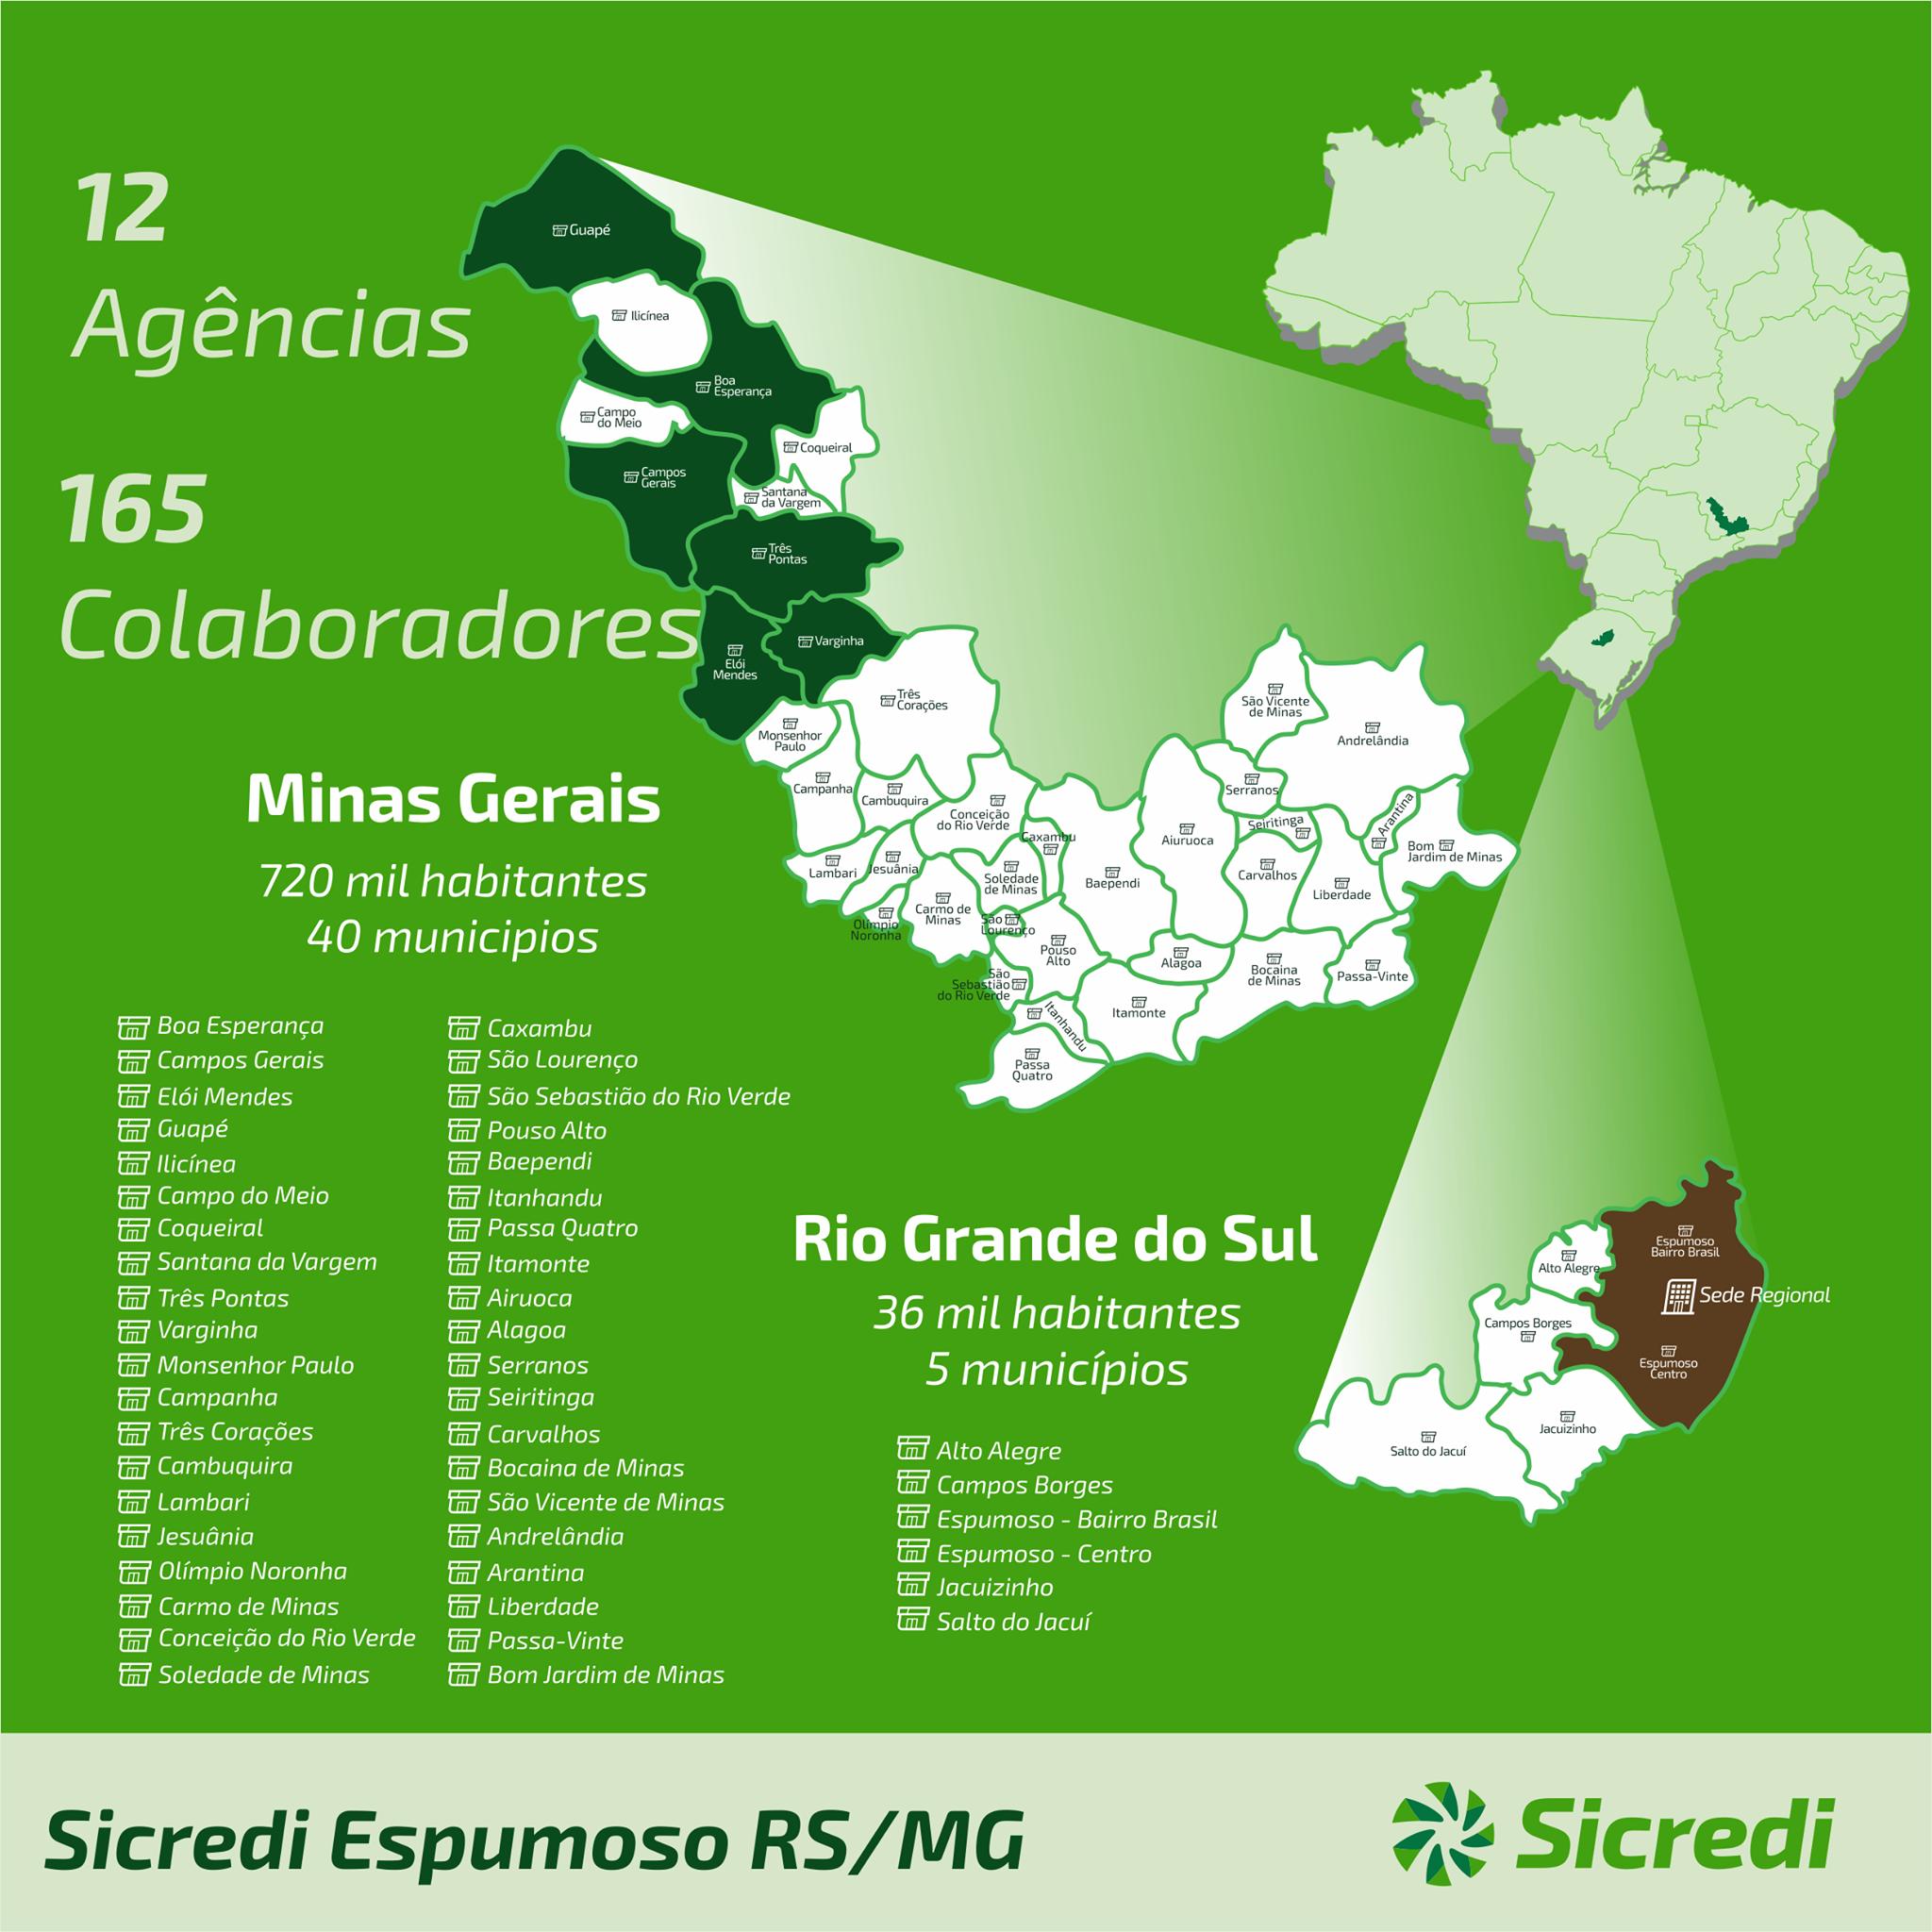 Com 21 mil associados, Sicredi Espumoso RS/MG irá inaugurar sua 13ª agência em breve